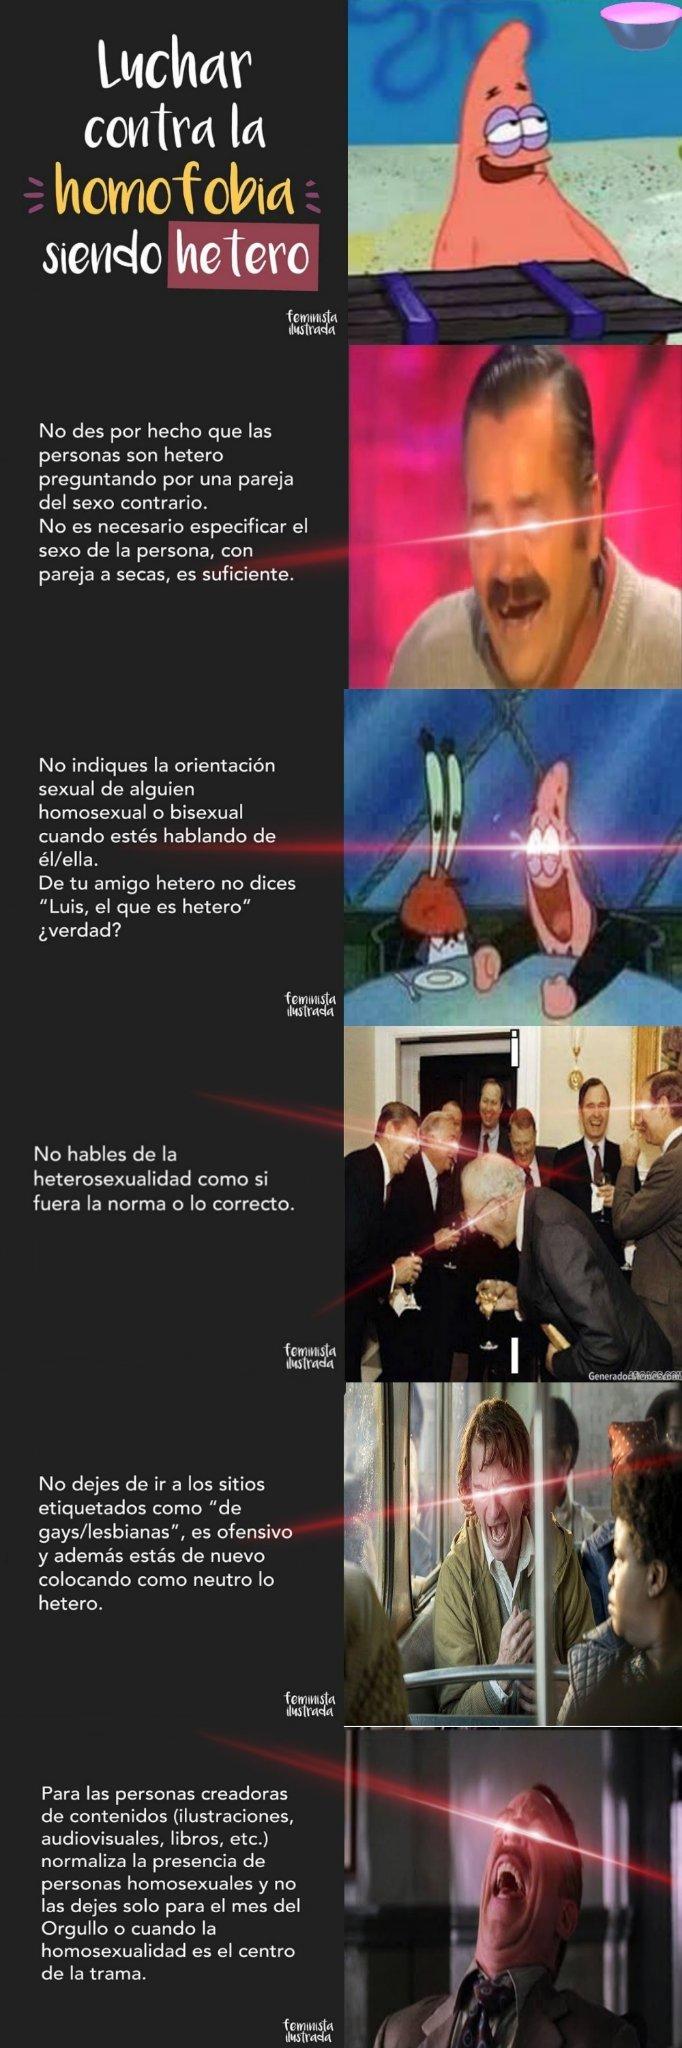 Argumentos estúpidos la verdad - meme